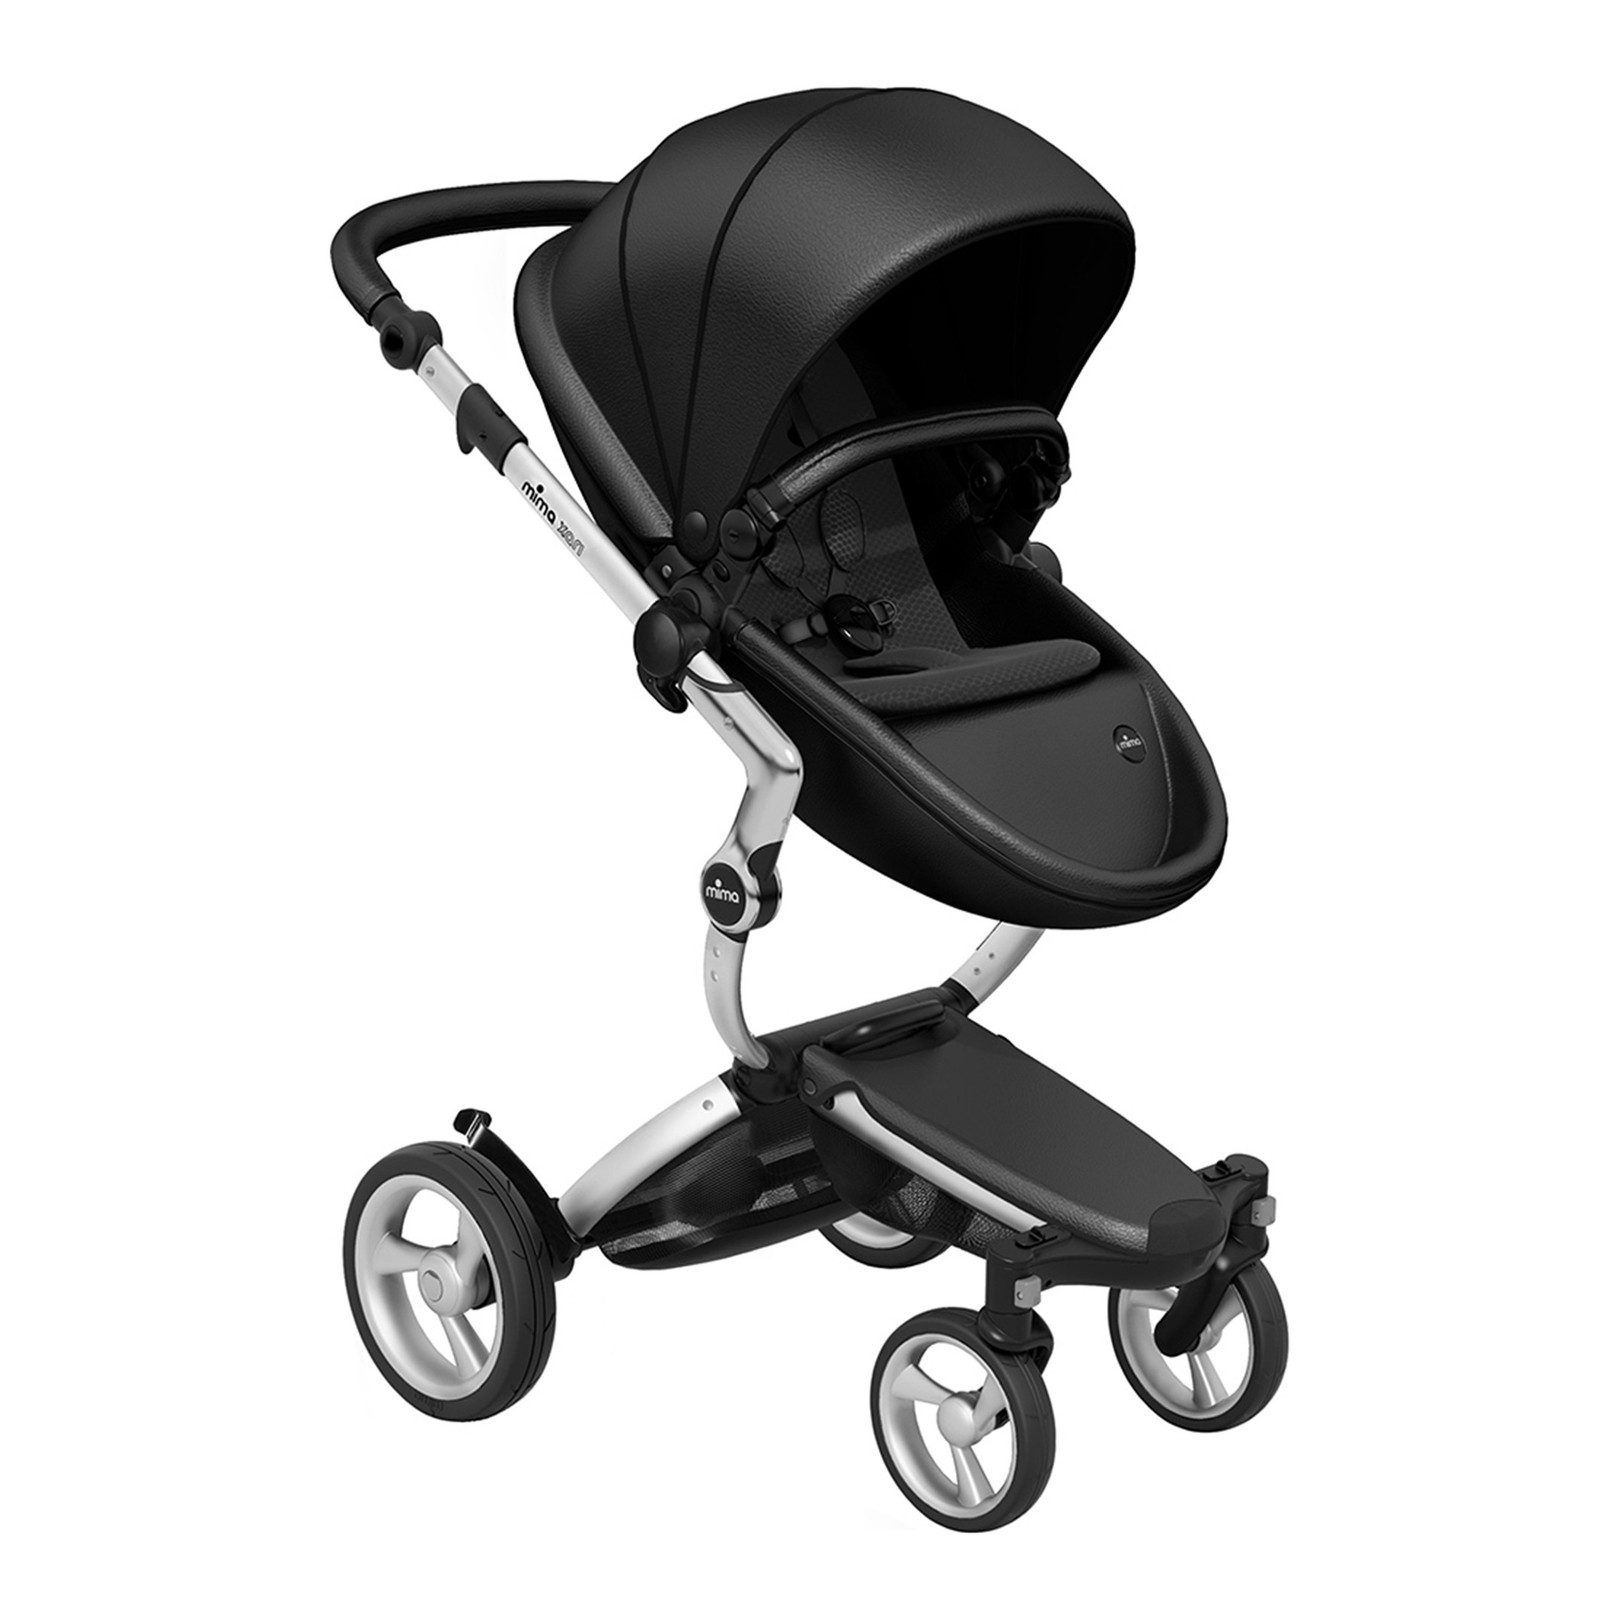 Xari Stroller Bundle Includes Aluminium Chassis, Black